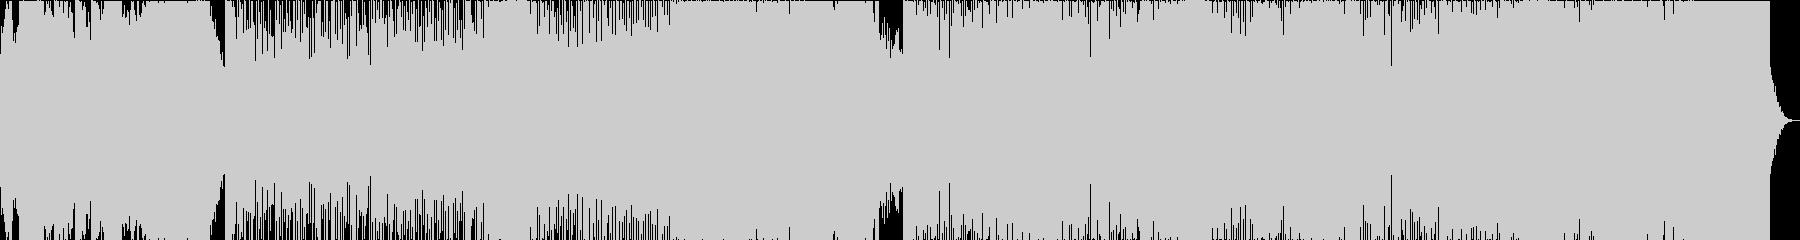 幻想的な記憶に残るBGMの未再生の波形